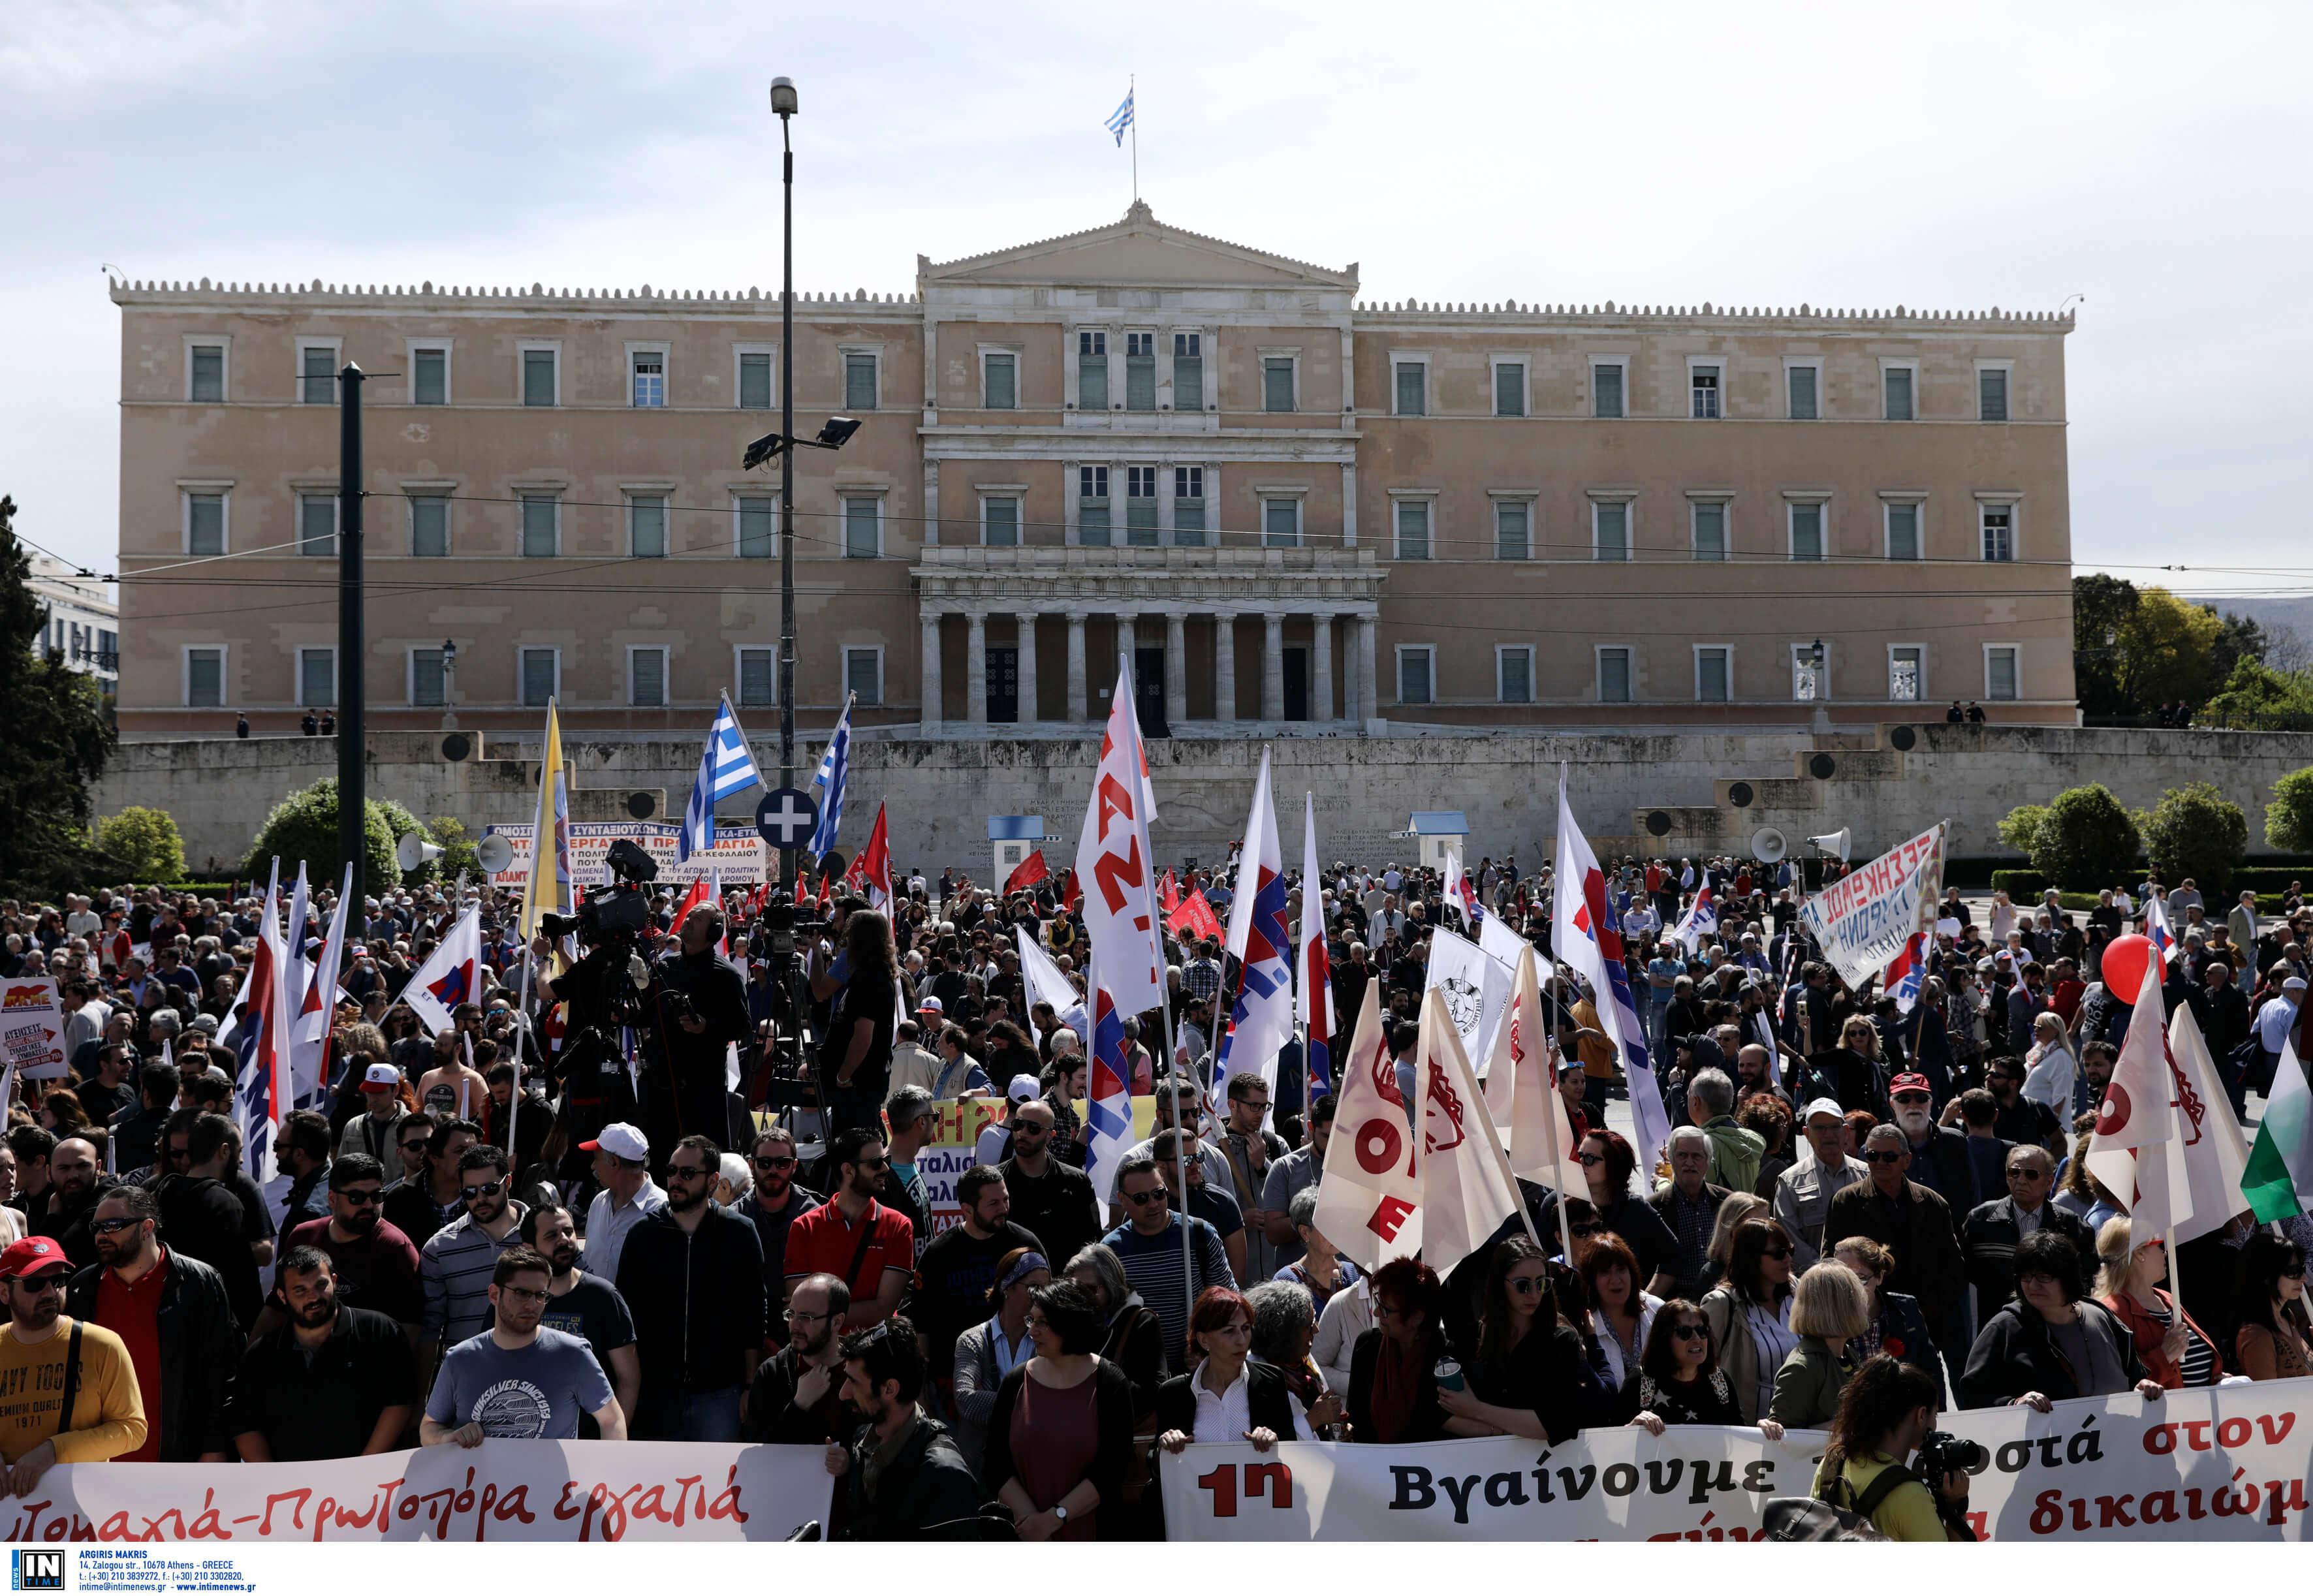 Πρωτομαγιά 2019: Πορείες στο κέντρο της Αθήνας [video, pics]